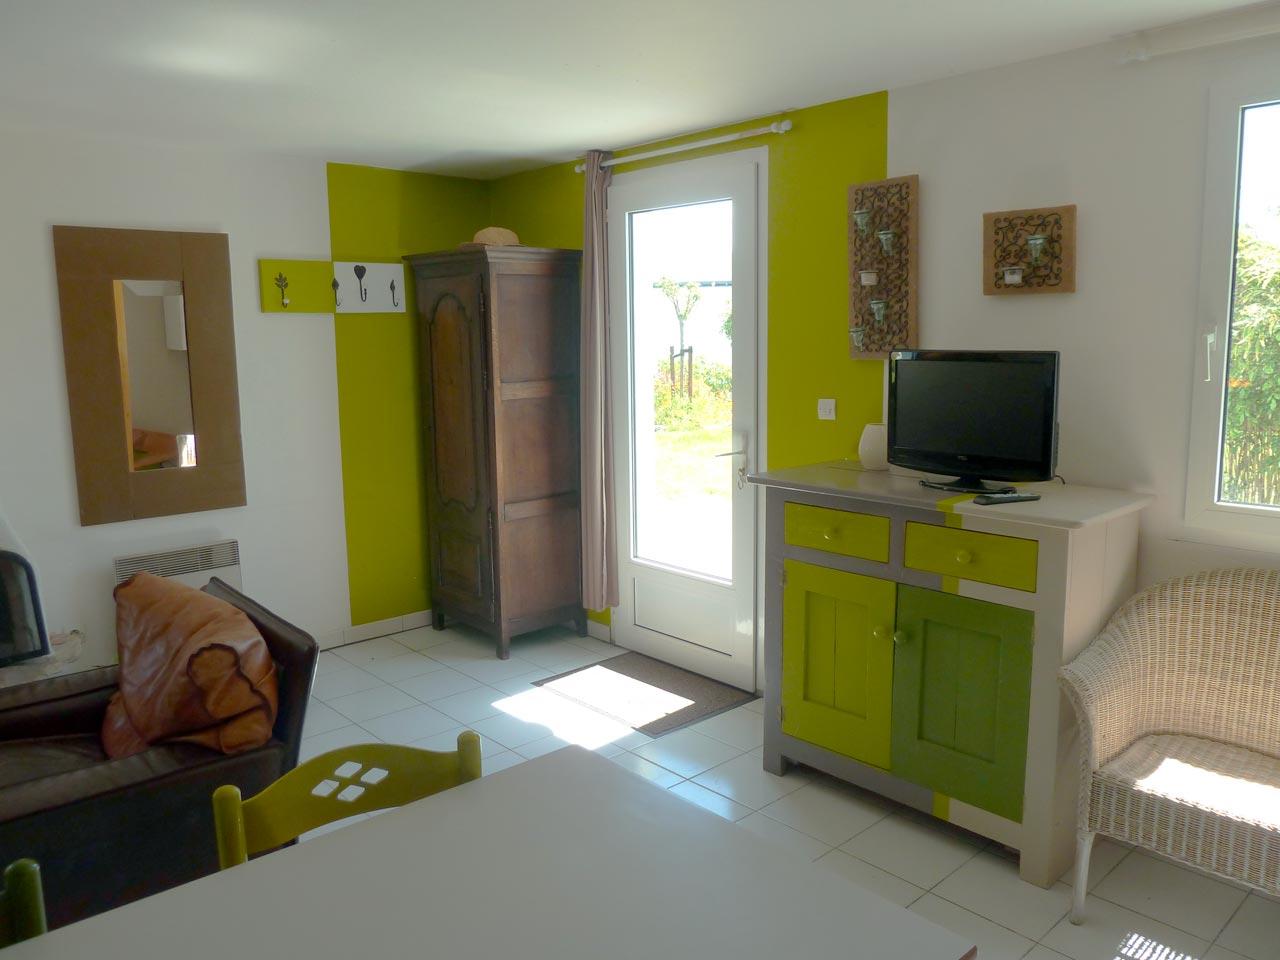 Maison keroyan est meubl louer belle le en mer for Maison meuble a louer